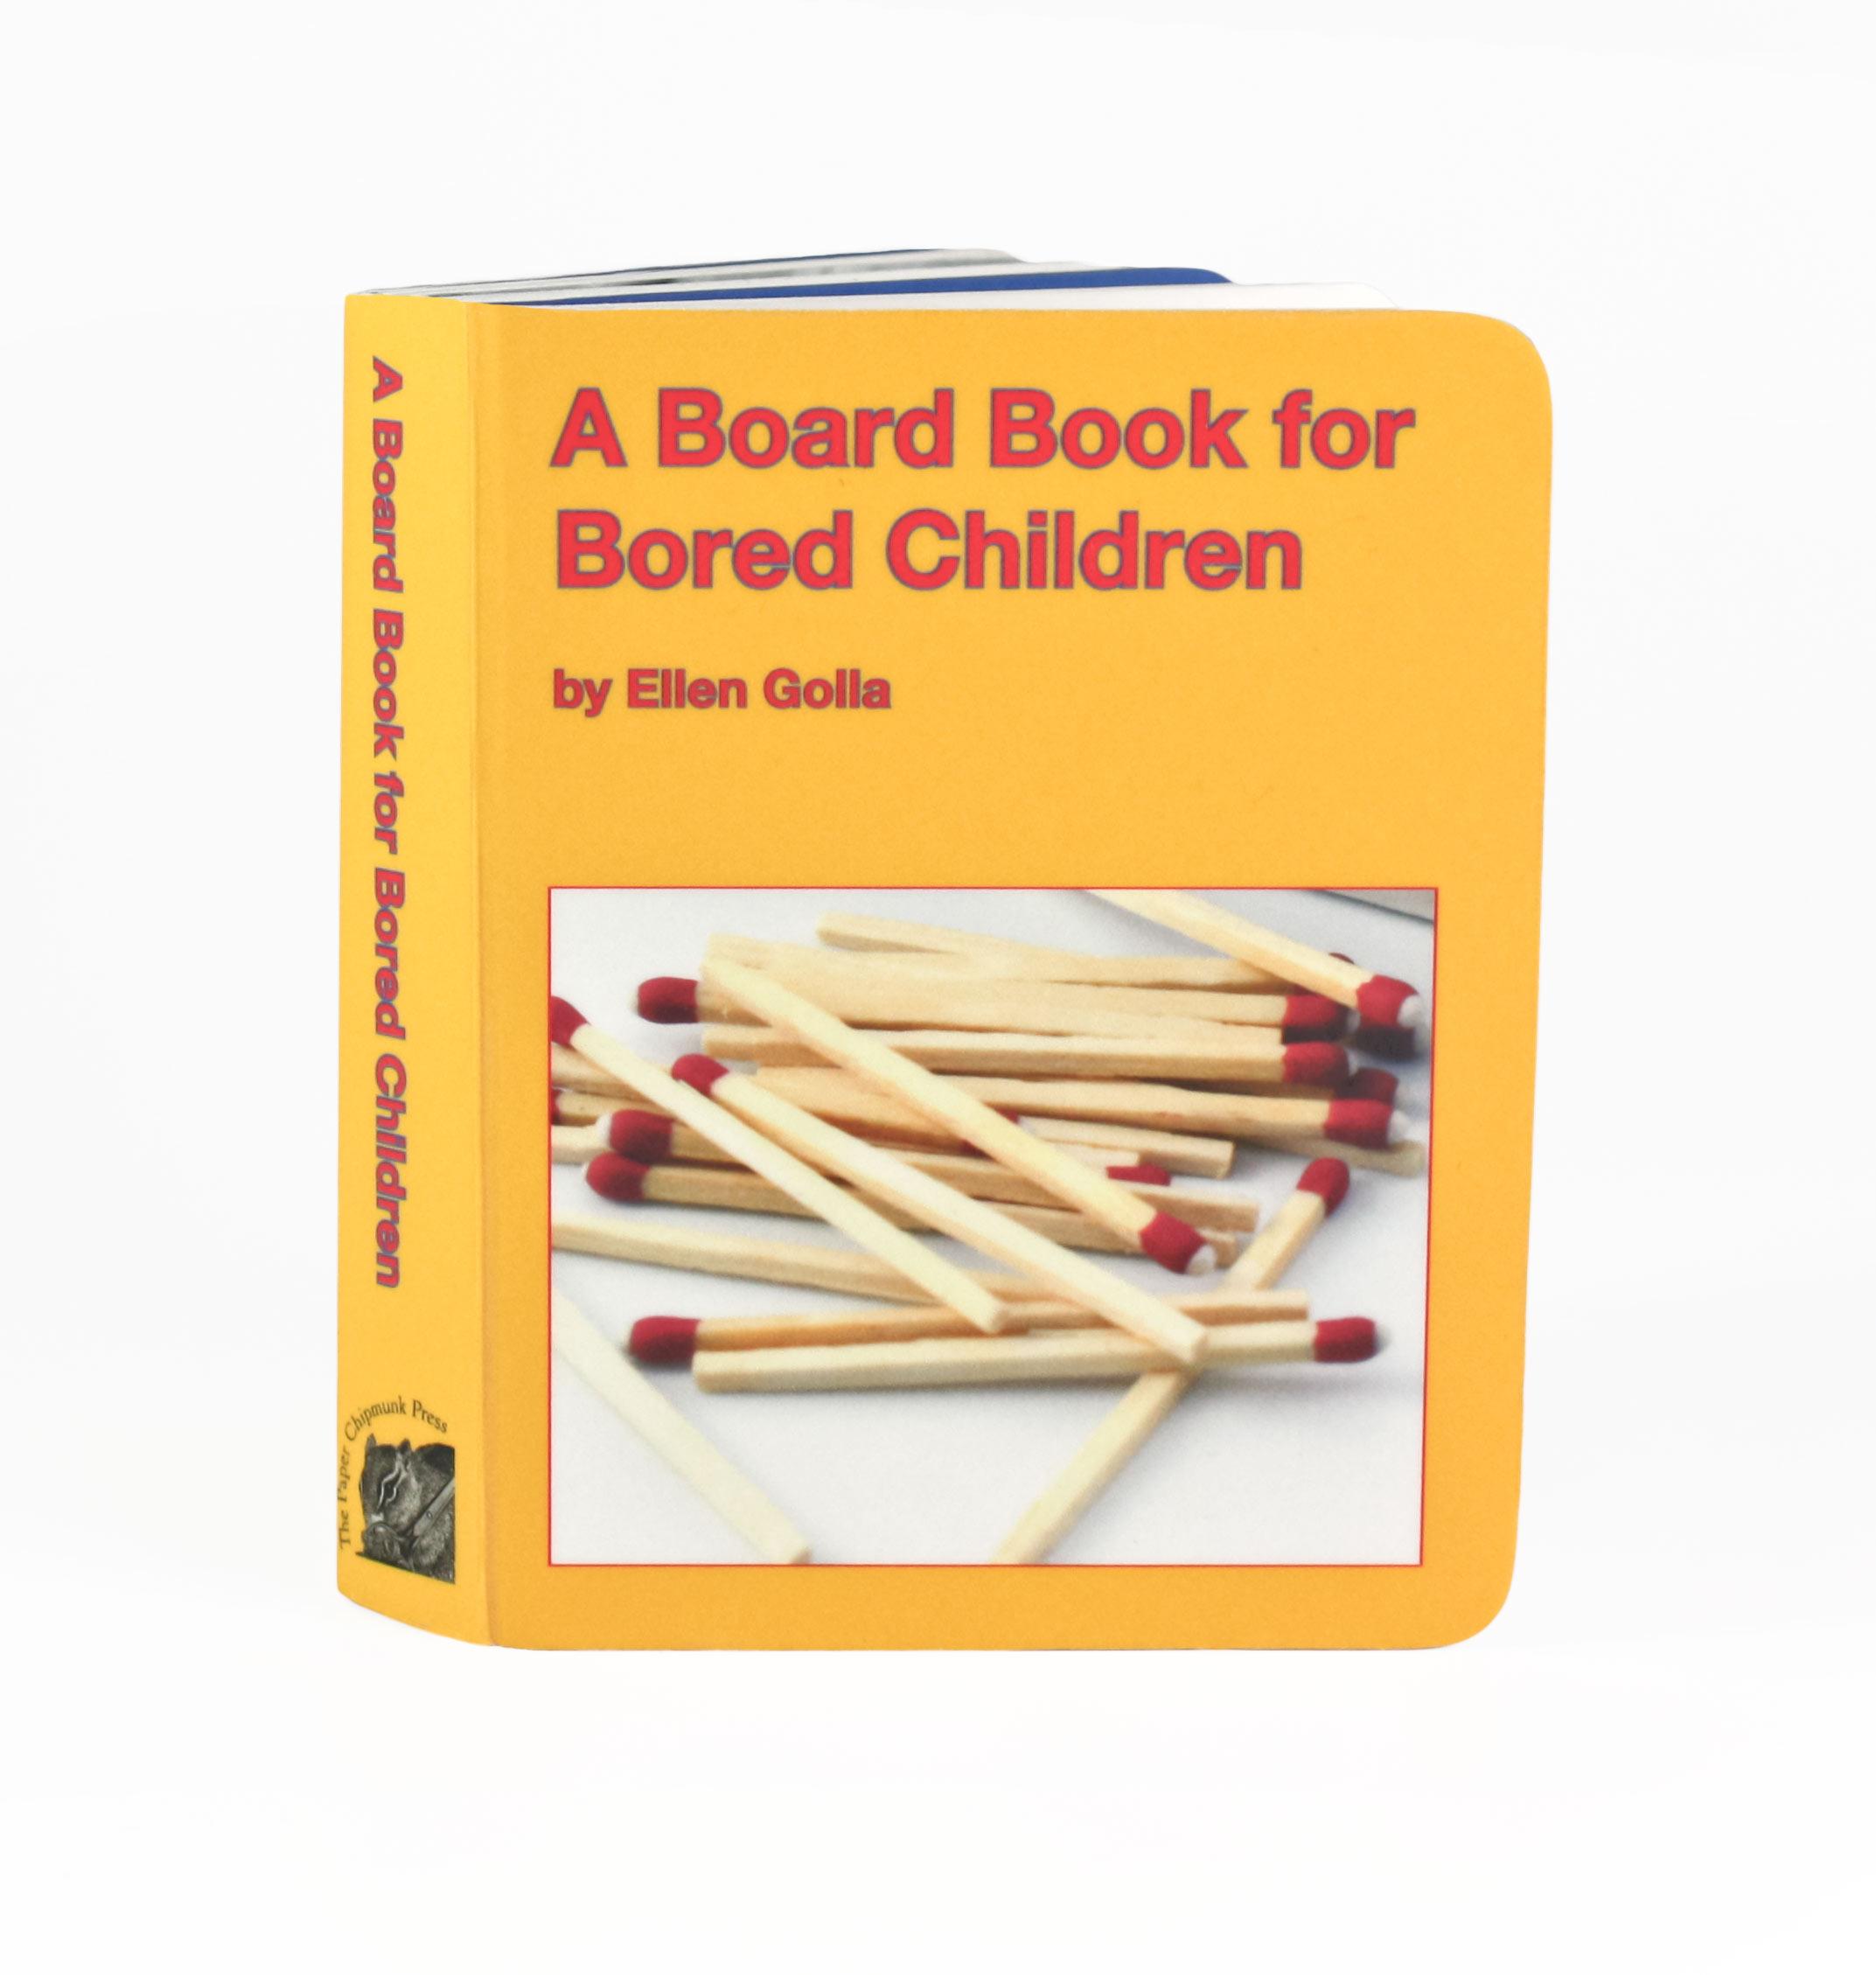 A Board Book for Bored Children